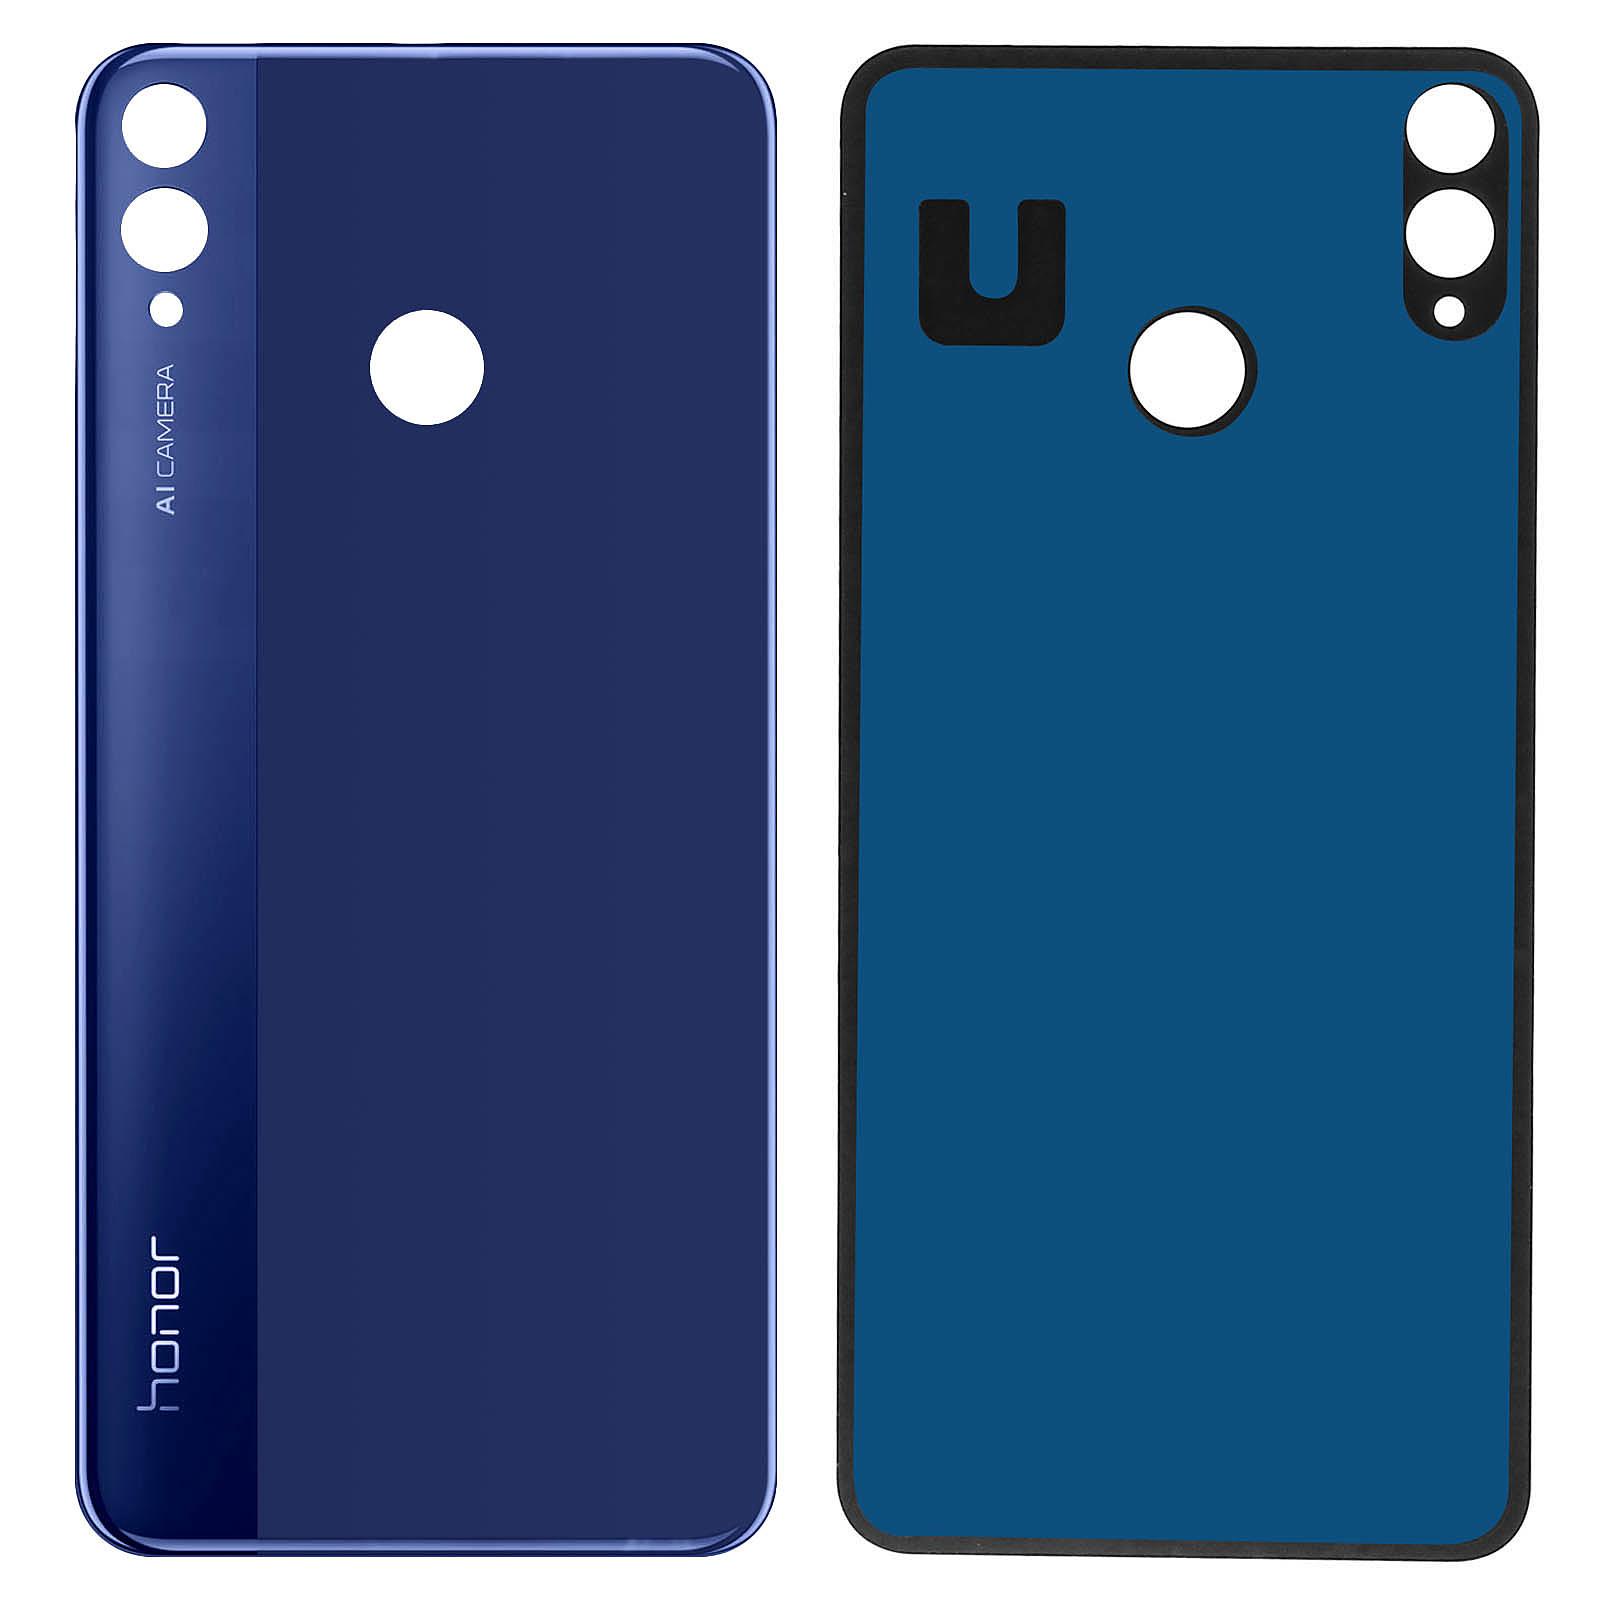 Avizar Cache batterie Bleu Nuit pour Honor 8X , Honor View 10 Lite Accessoires divers smartphone Avizar sur